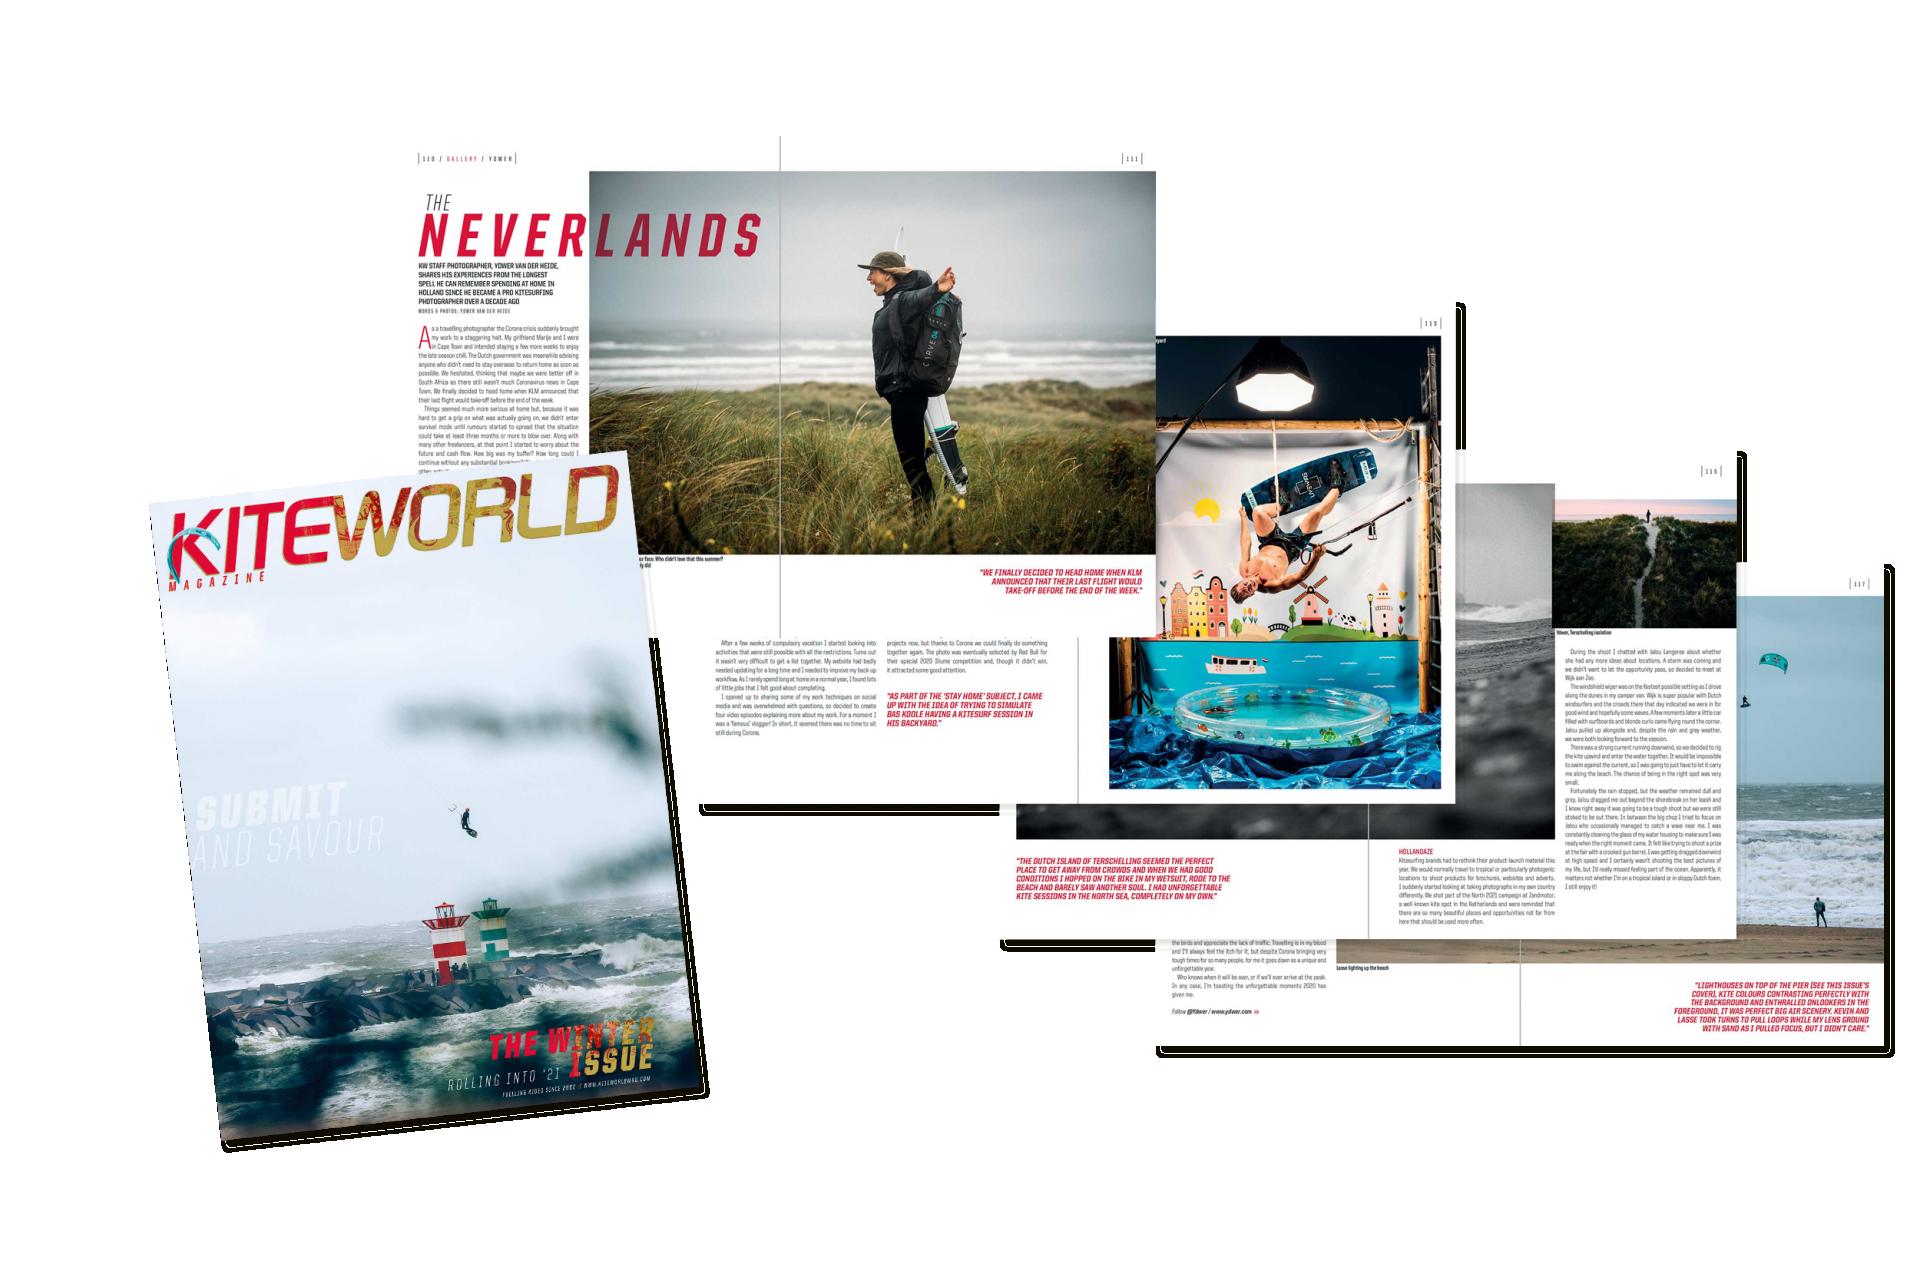 Ydwer van der Heide kitesurfing gallery in Kiteworld